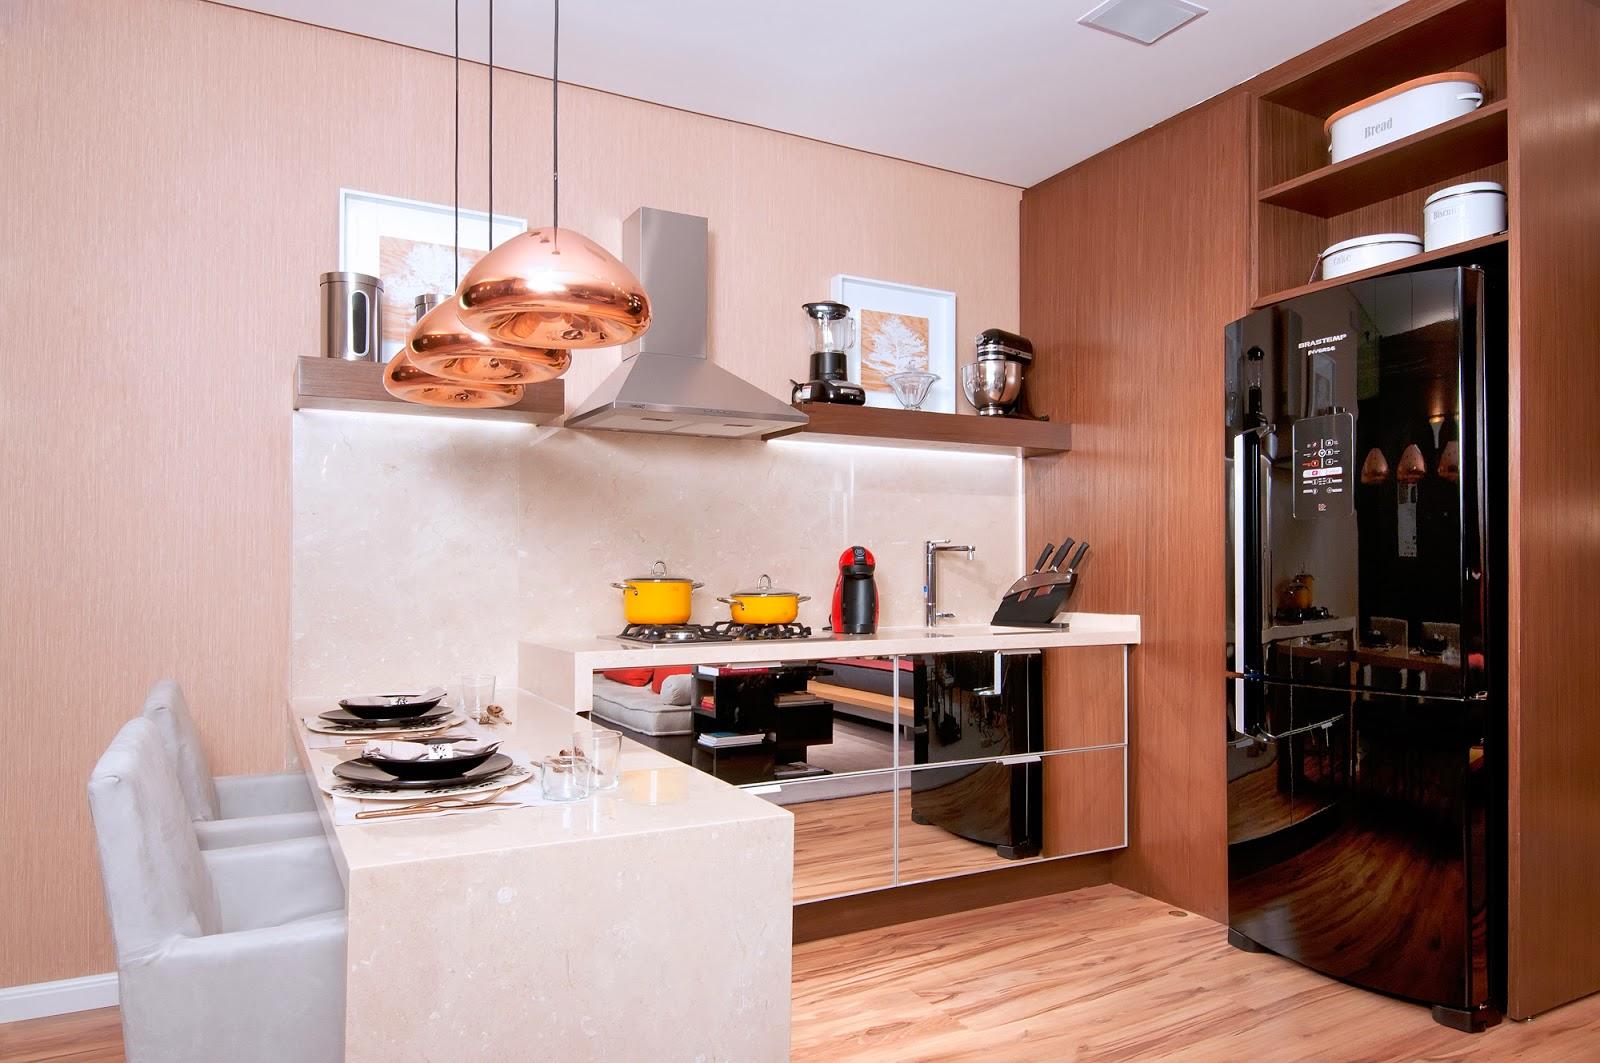 Cozinha planejada pequena com armários espelhados e geladeira preta.